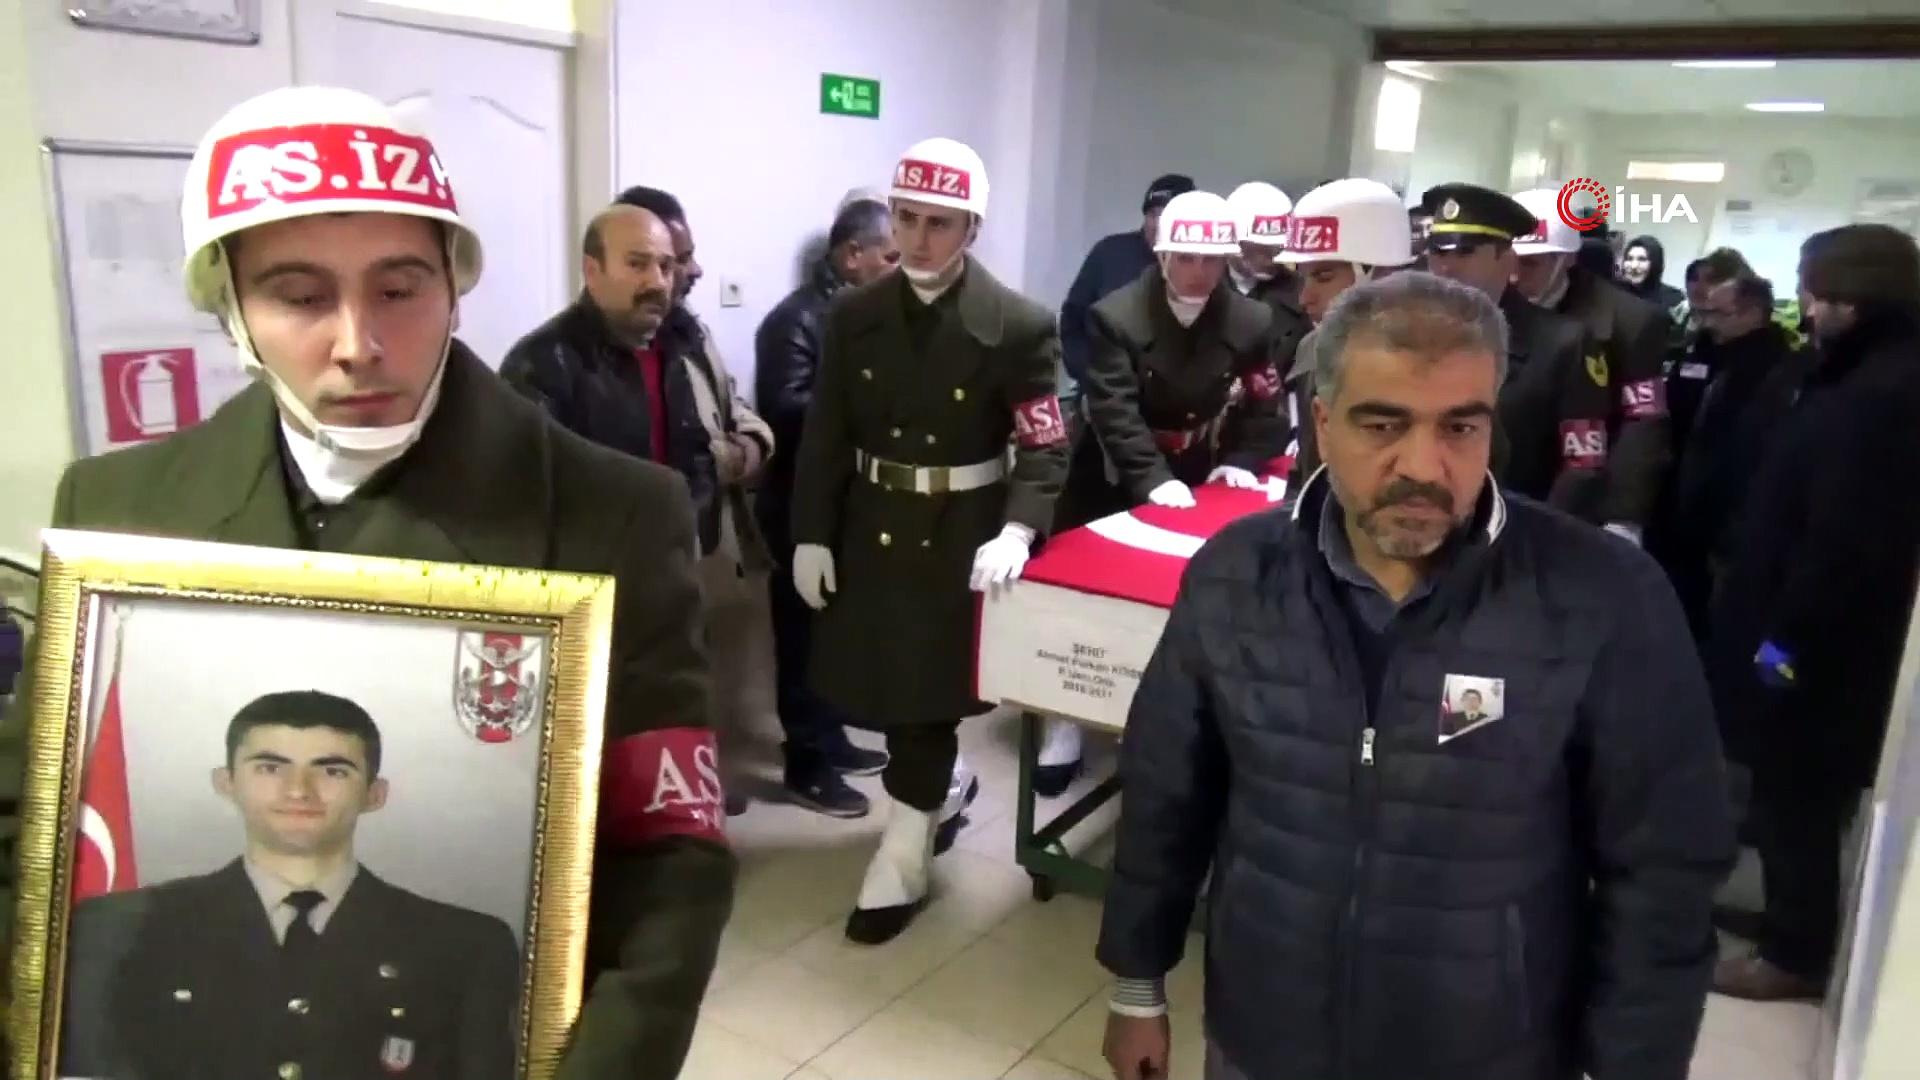 Şehide en duygusal veda…Yakınını kaybeden vatandaş, şehit cenazesine el sallayarak veda etti